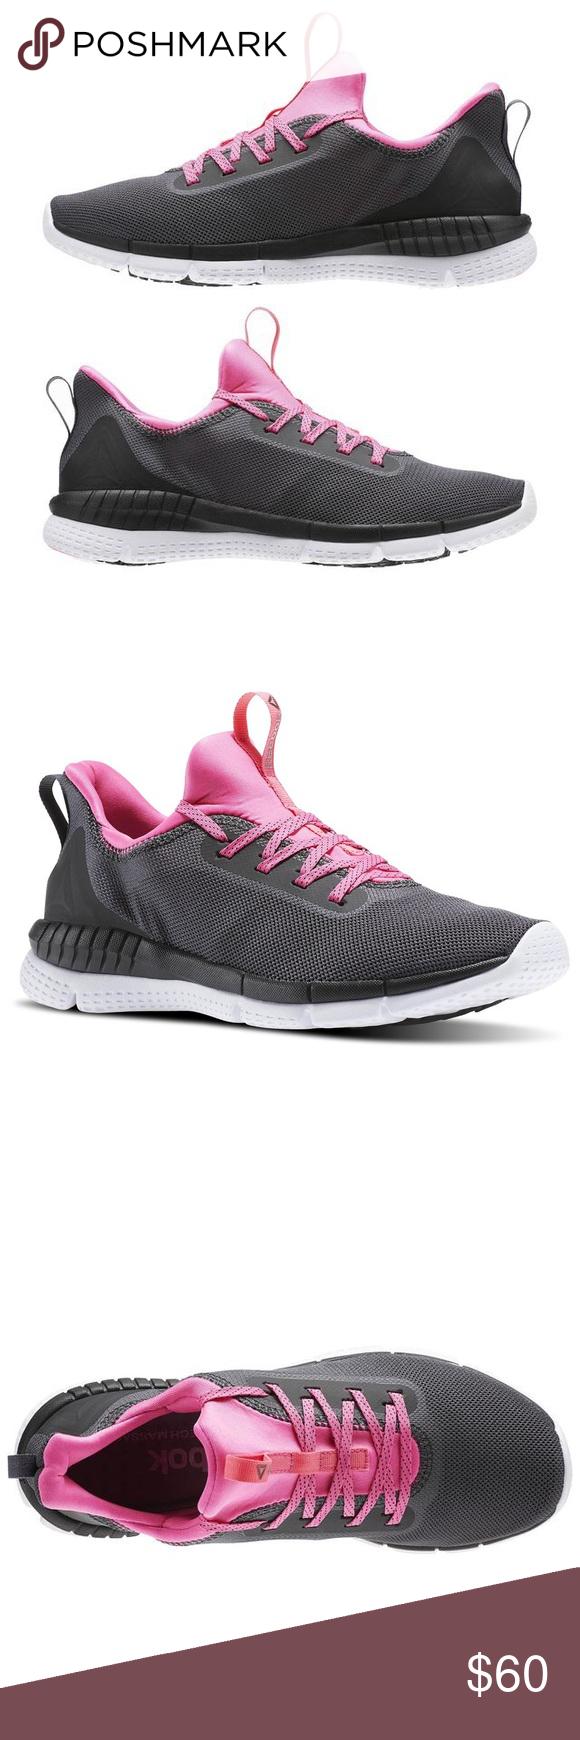 Najlepsze miejsce aliexpress super promocje 💎NWT💎 Reebok Women's Running sneaker REEBOK MEMORY TECH ...